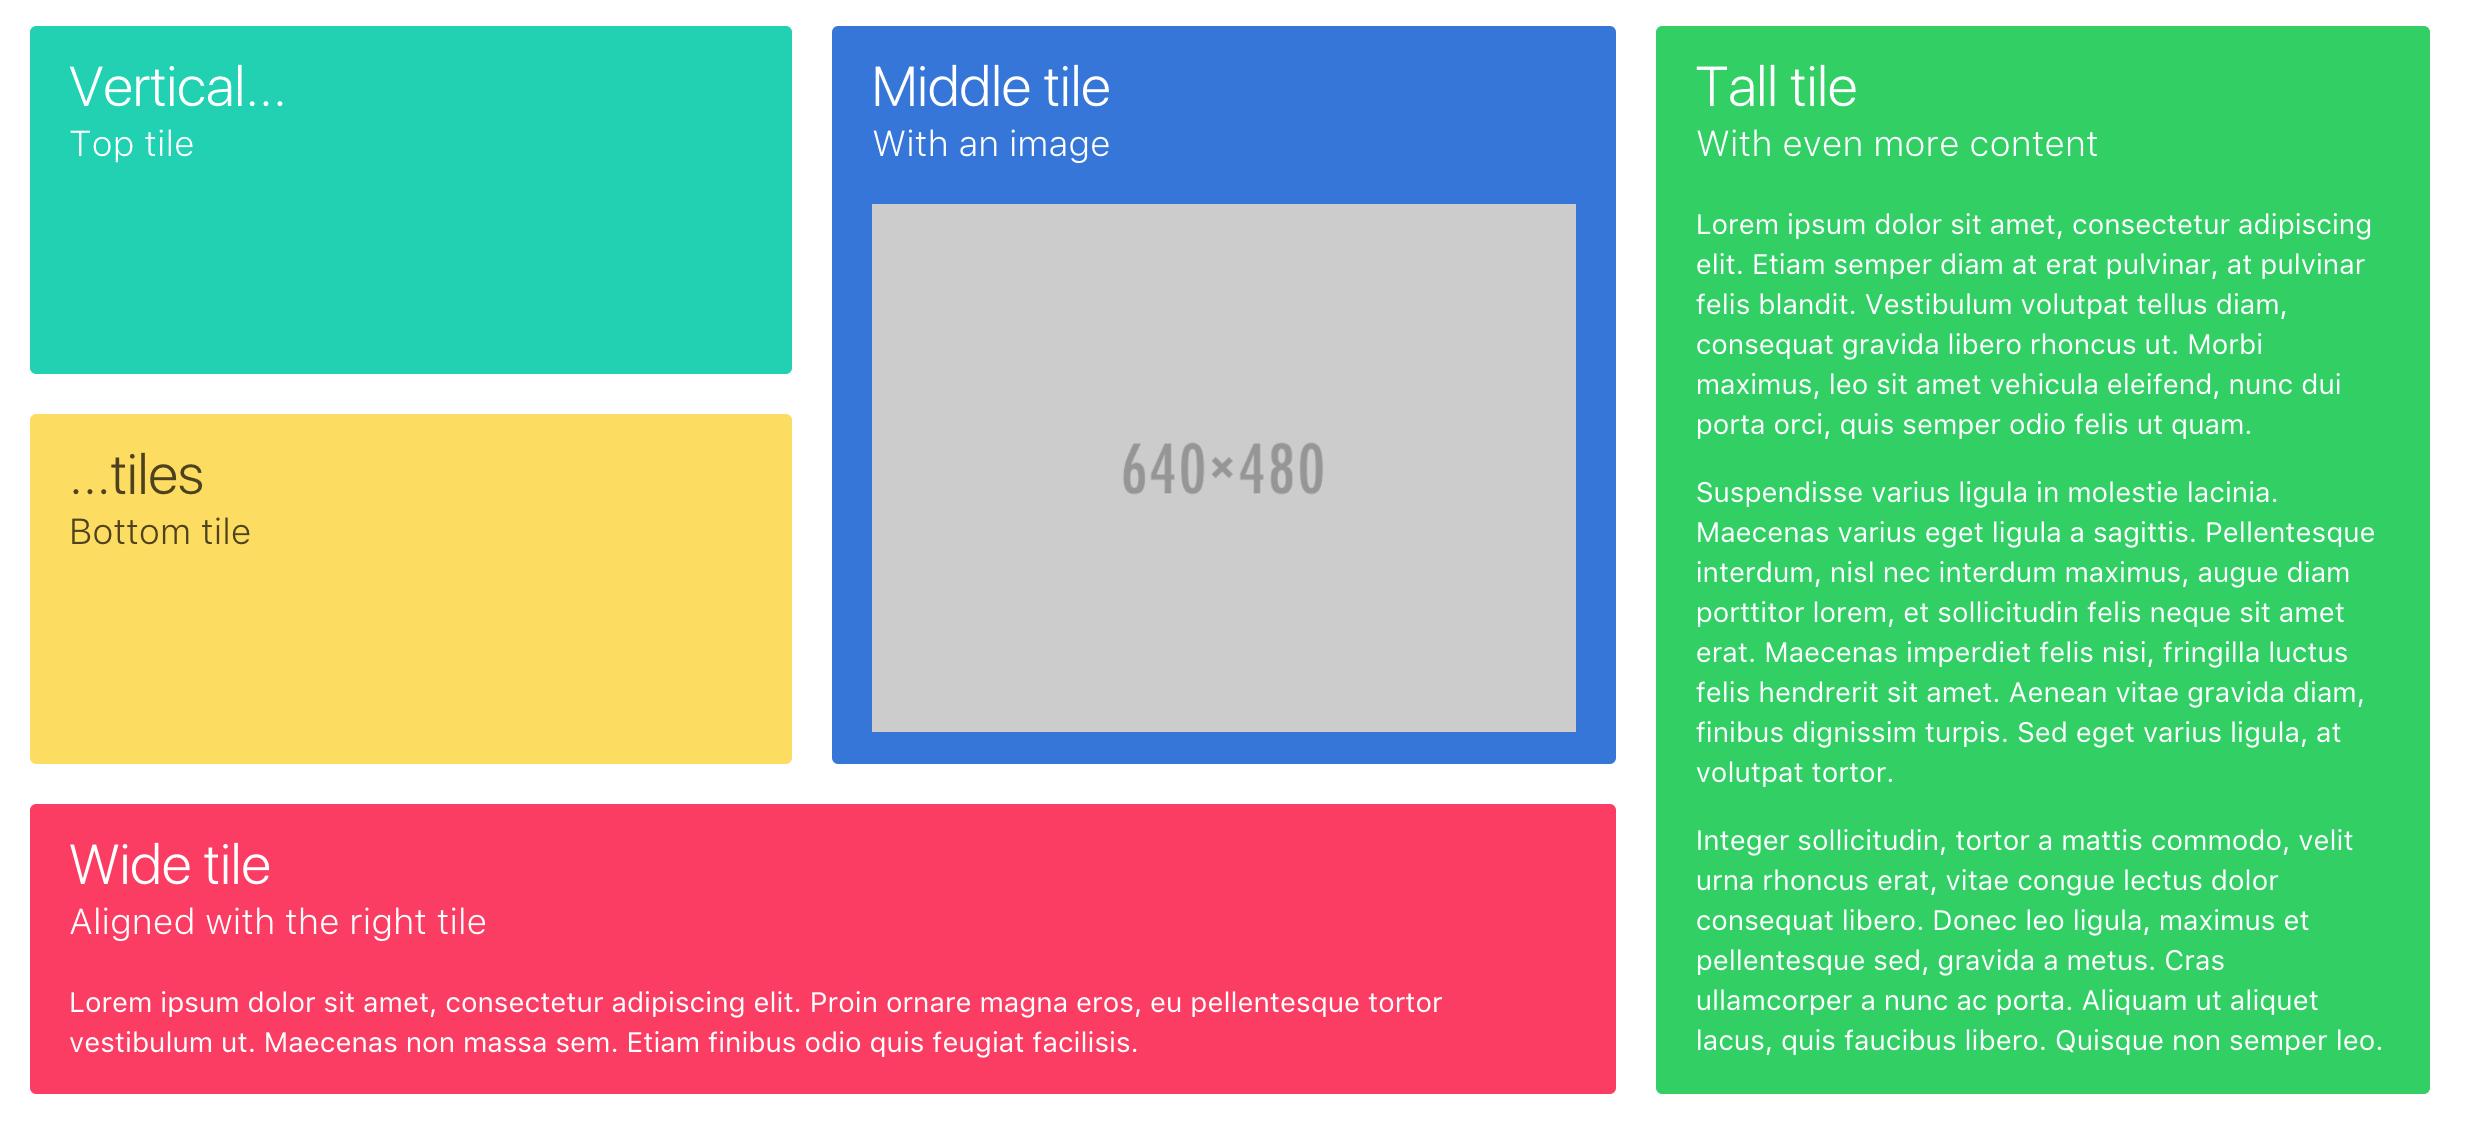 ตัวอย่าง Metro UI เขียนด้วย Bulma จะเห็นว่าความสูงเท่ากันเป๊ะอัตโนมัติเลยครับ